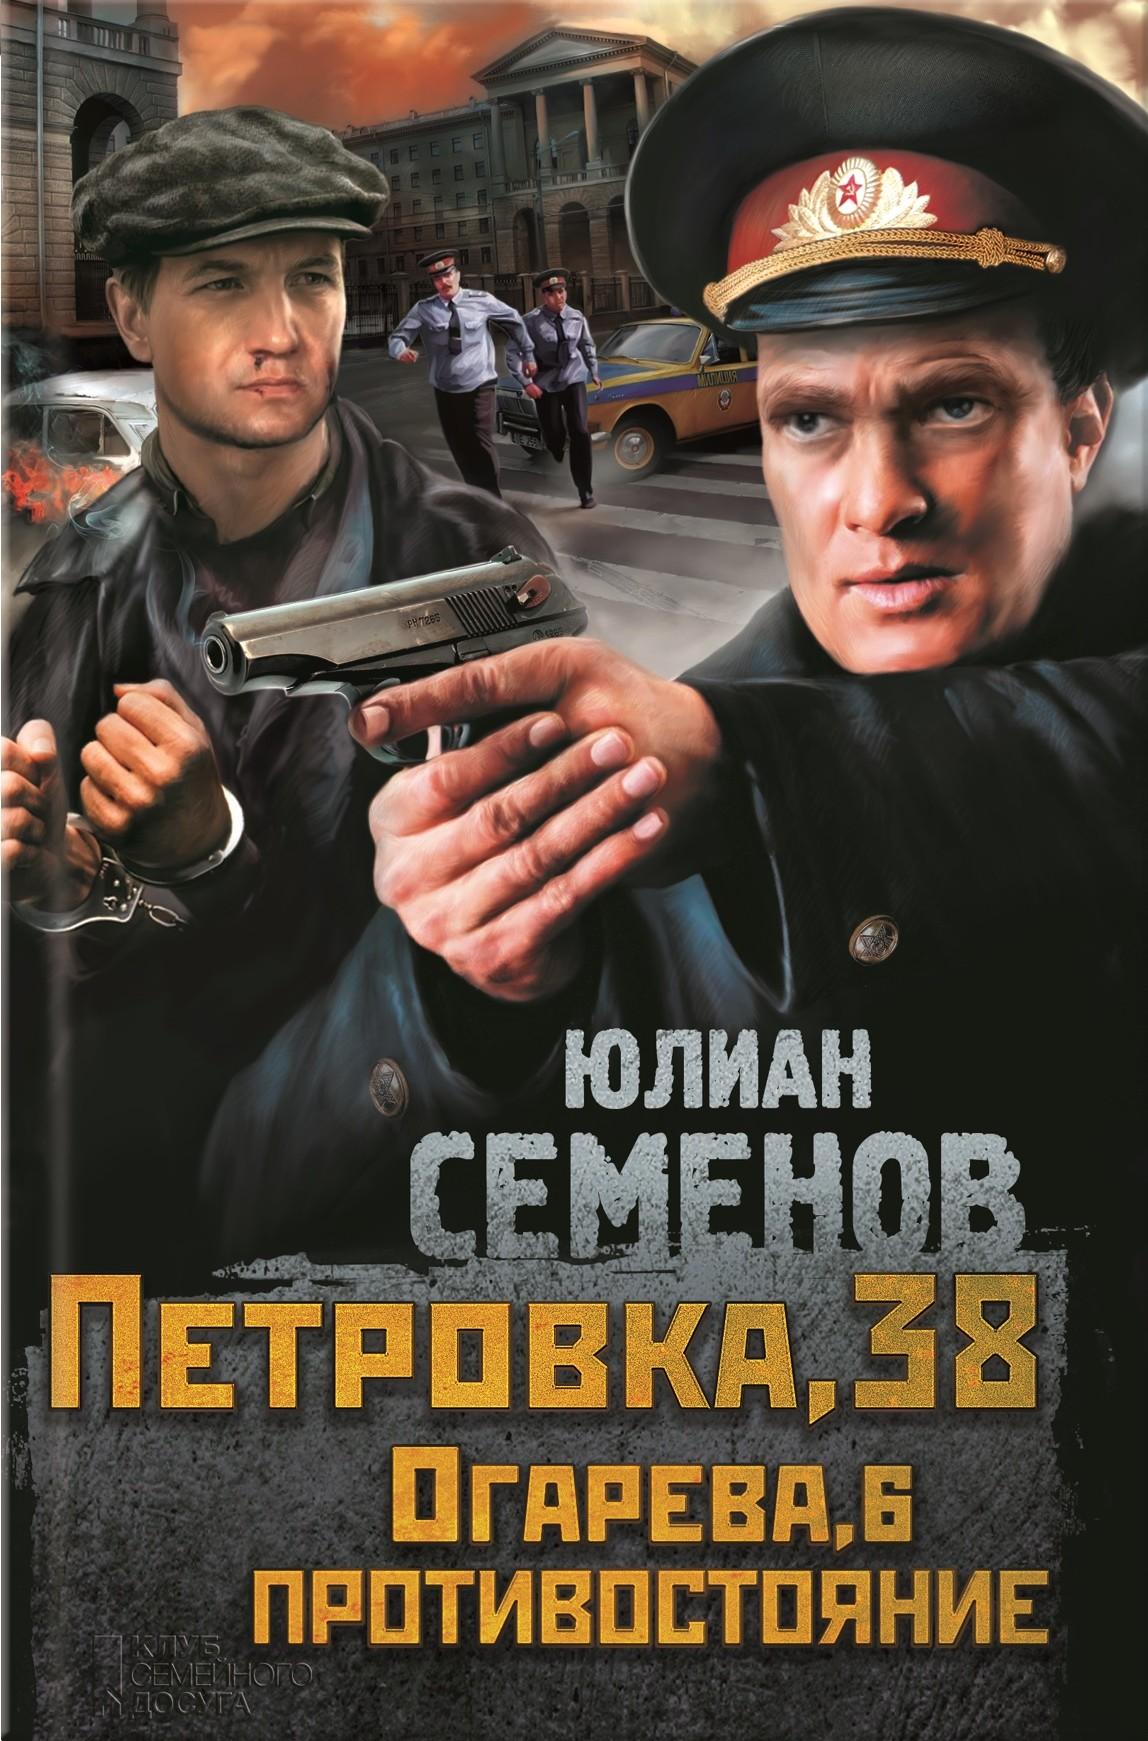 Юлиан Семенов Петровка, 38. Огарева, 6. Противостояние (сборник) цена